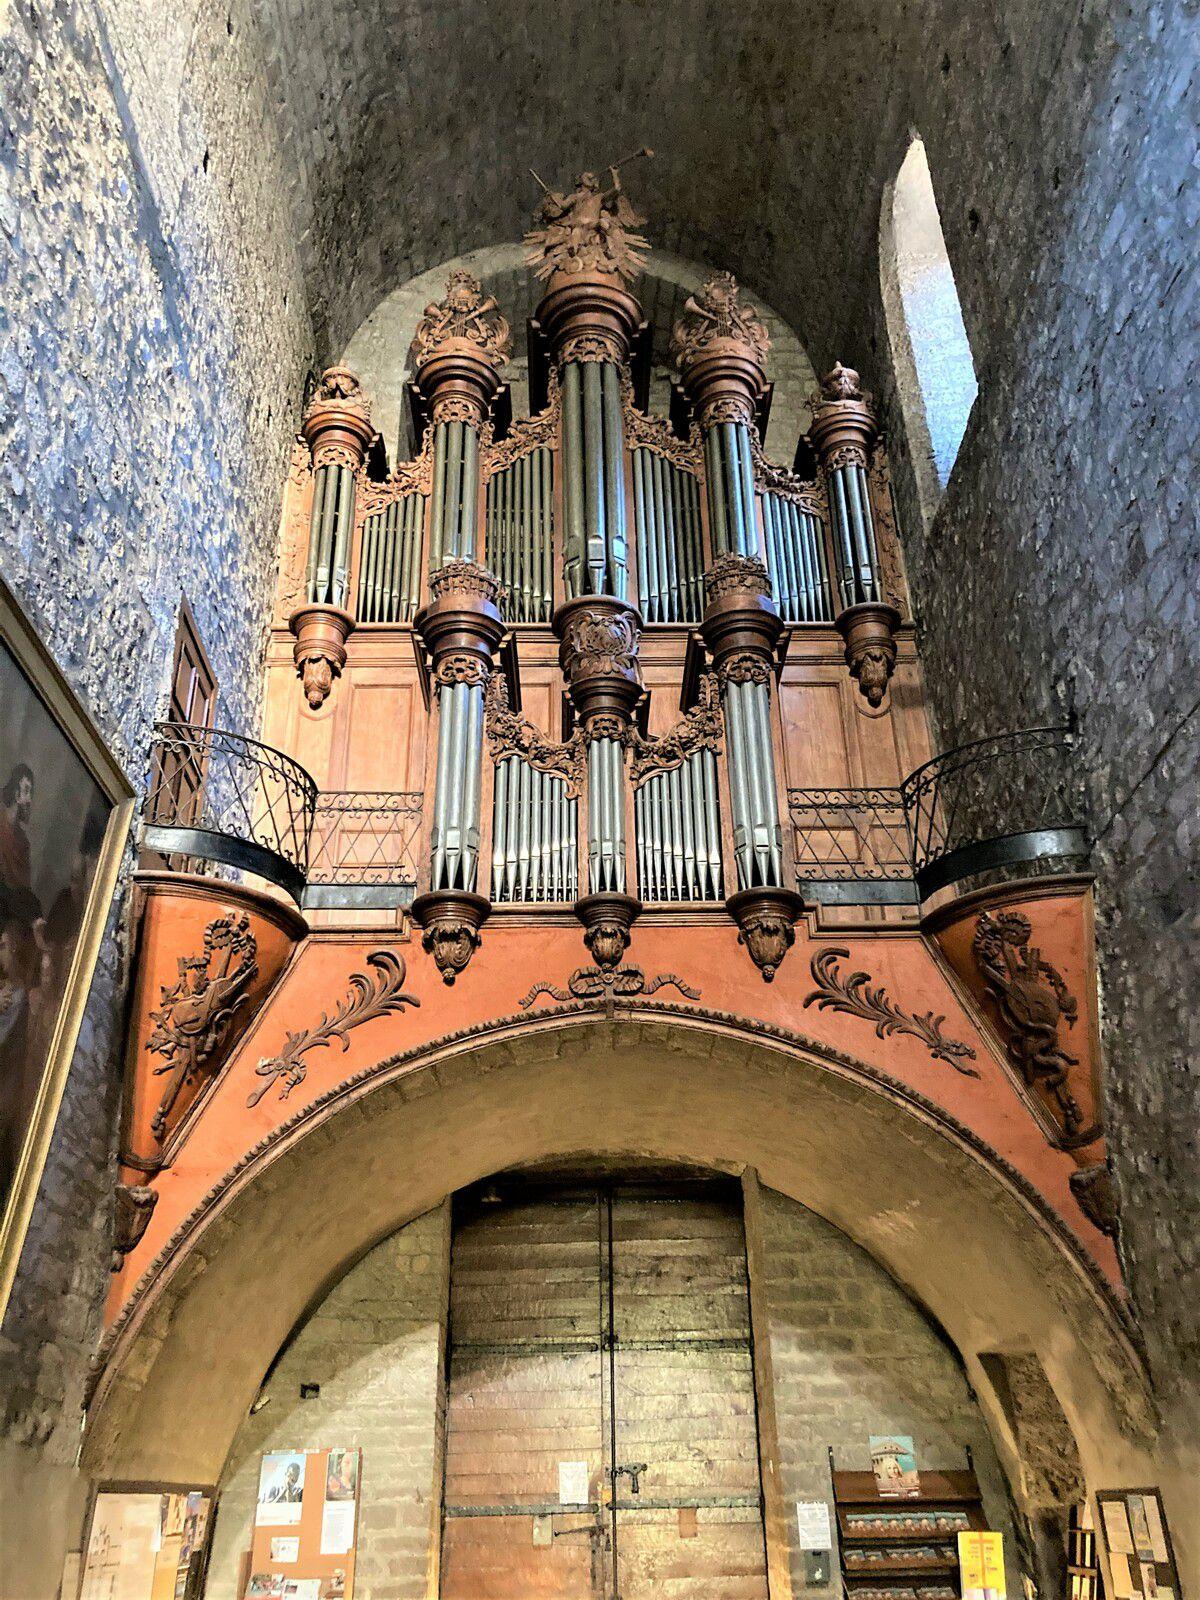 Le très bel orgue Cavaillé de l'église abbatiale de Saint Guilhem